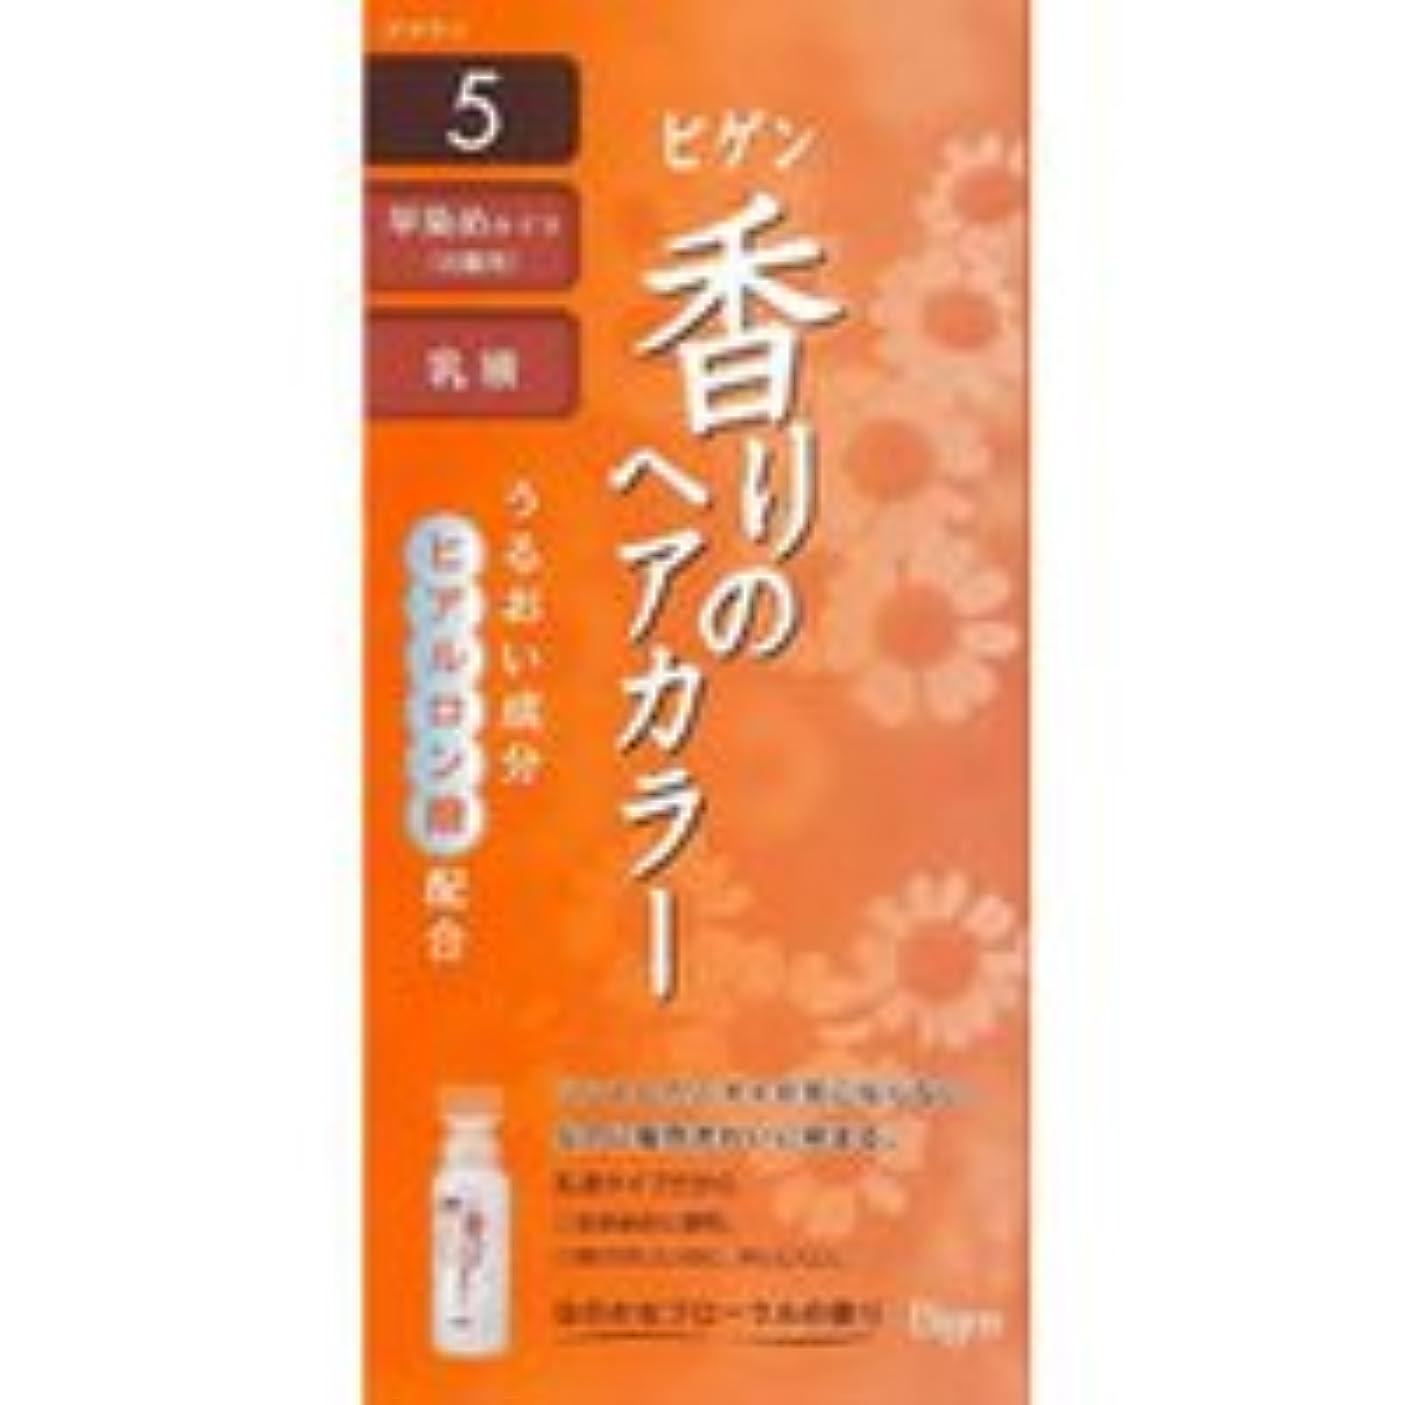 アミューズサンダー侵入するビゲン 香りのヘアカラー 乳液(5) ブラウン